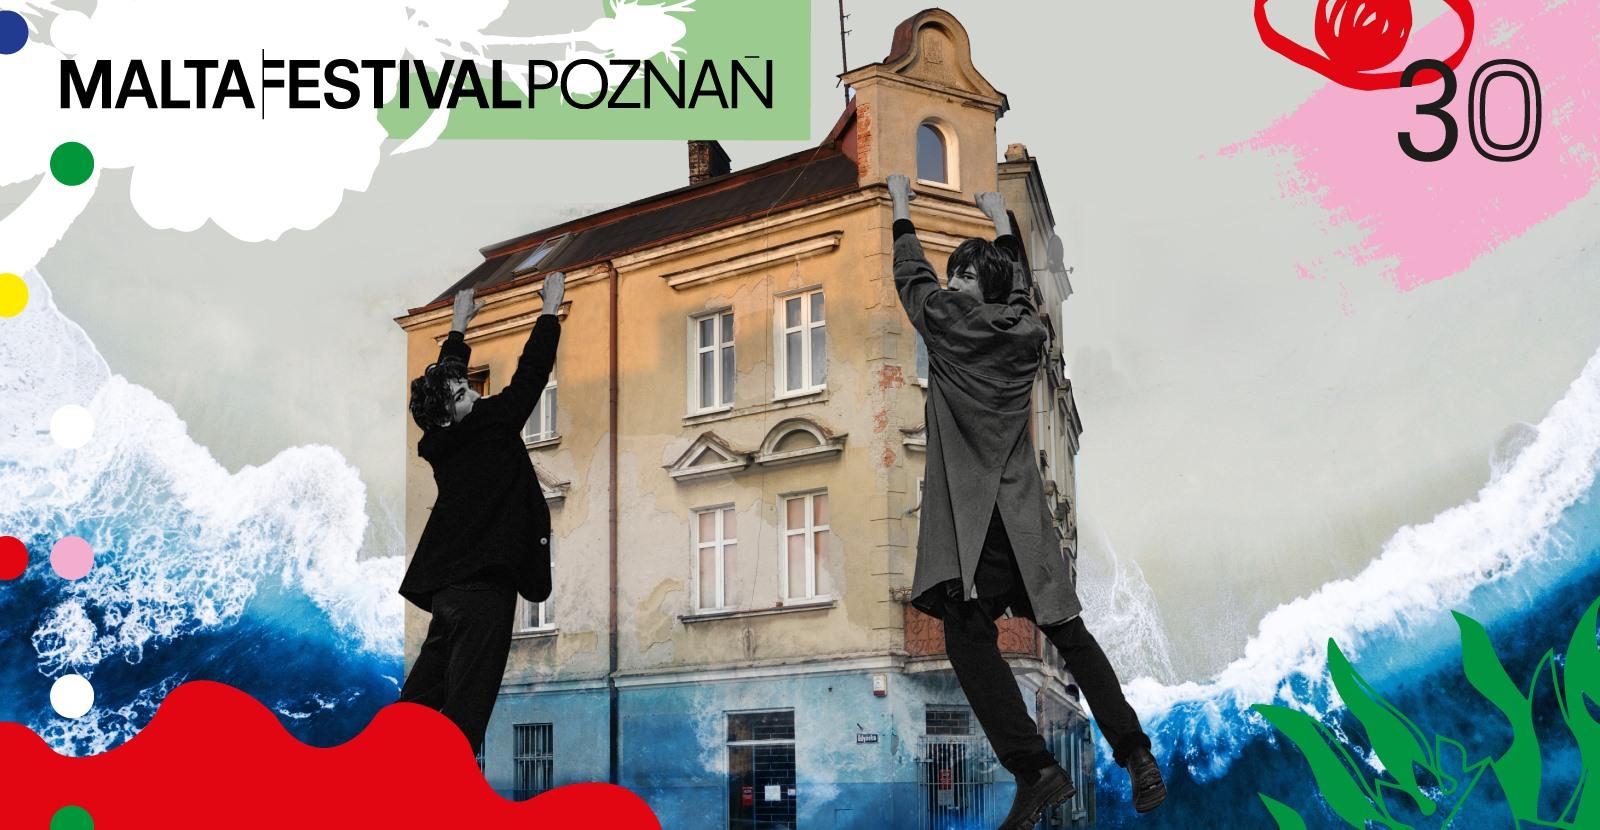 malta festiwal - Karolina Wojciechowska